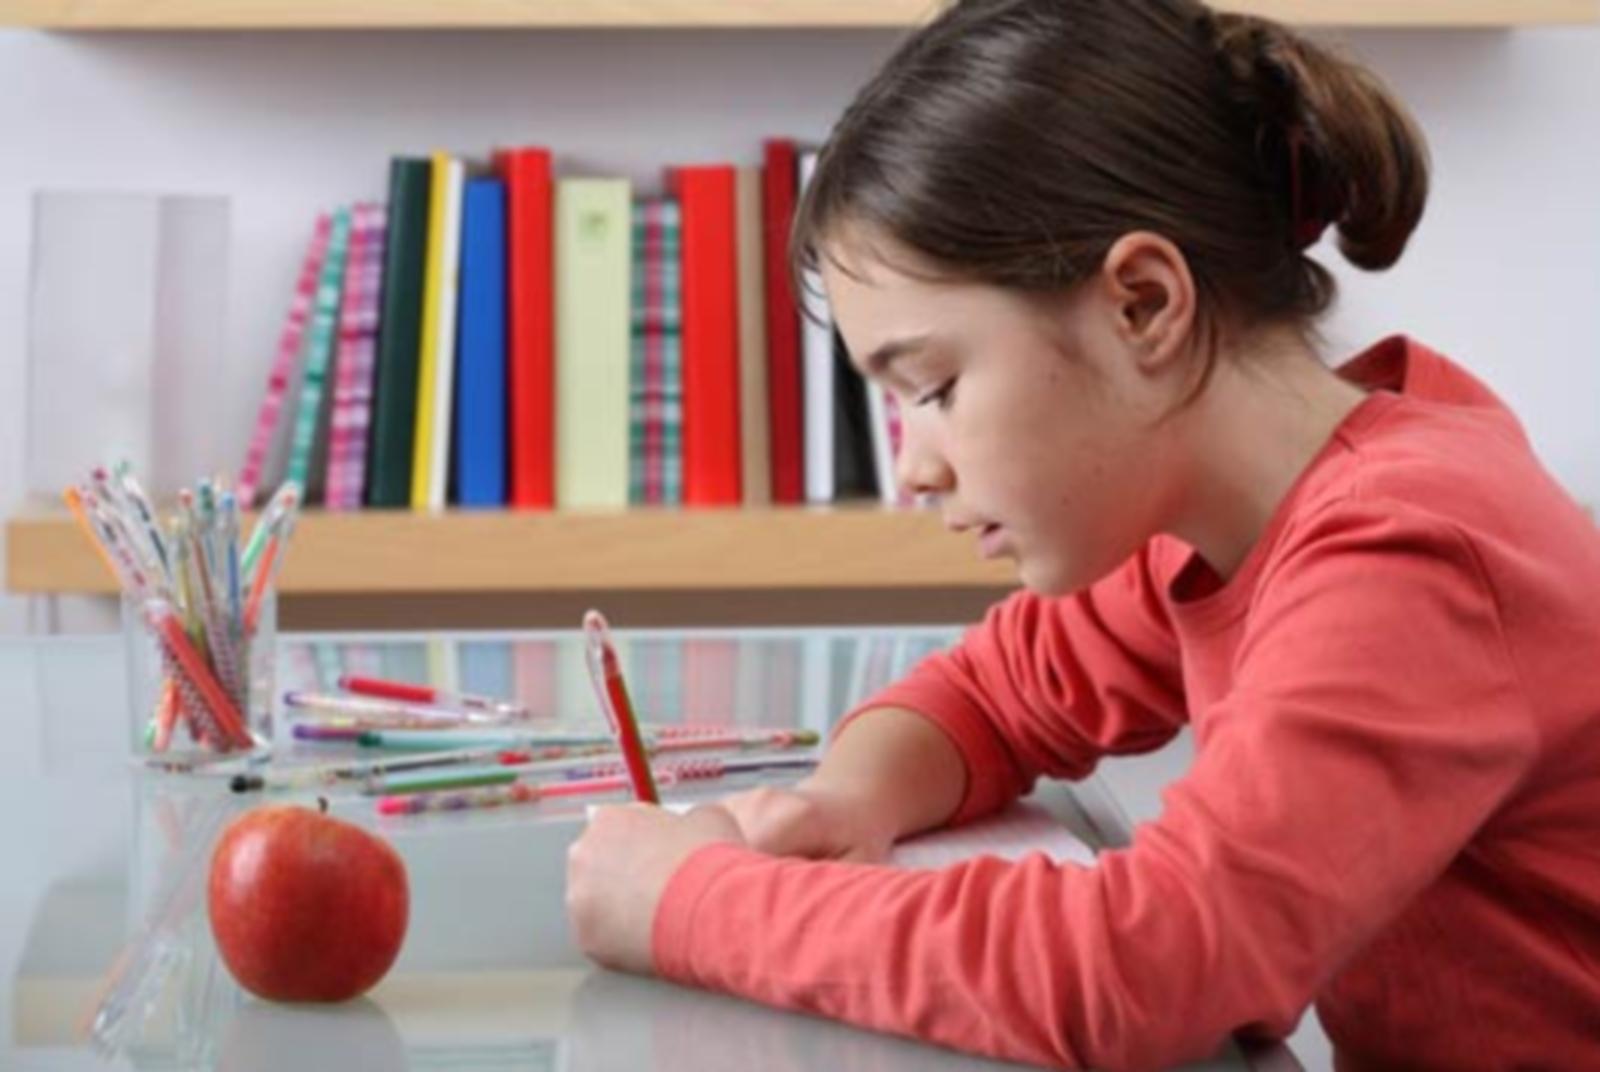 13 συμβουλές για να βοηθήσετε τα αριστερόχειρα παιδιά να κατακτήσουν τις δεξιότητες της γραφής